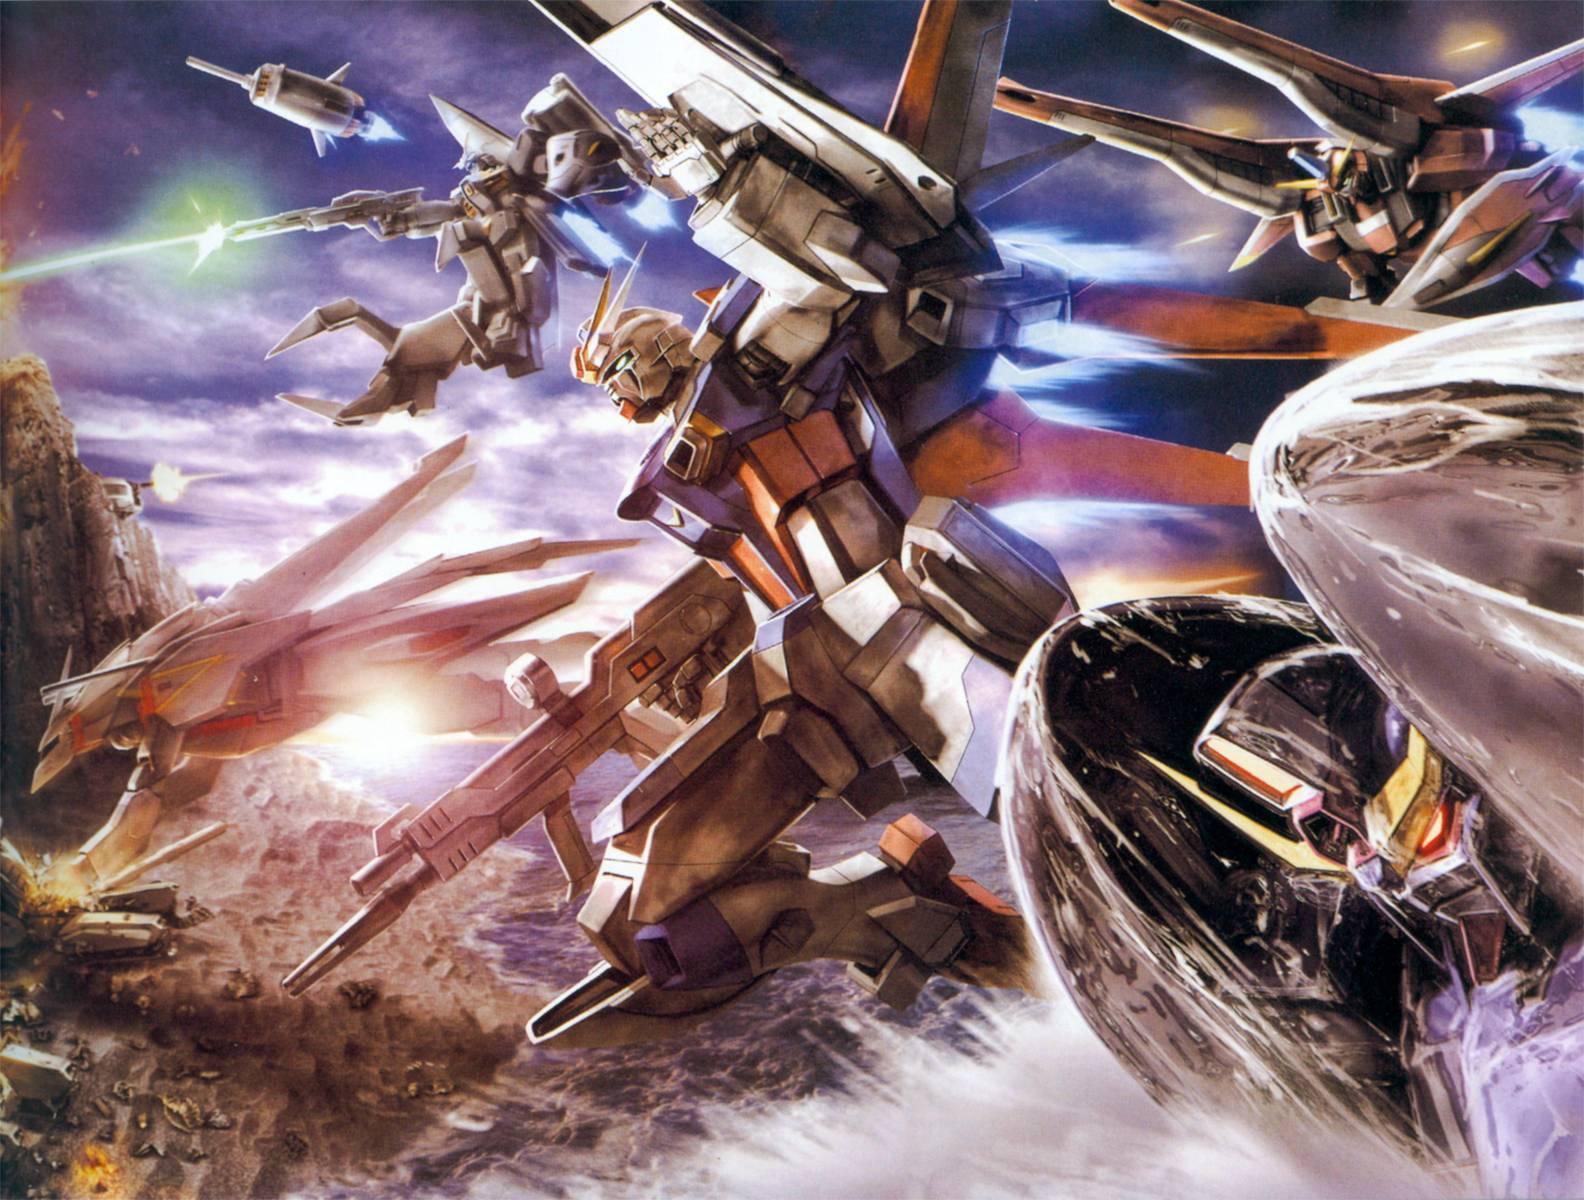 G Gundam Wallpapers Wallpaper Cave